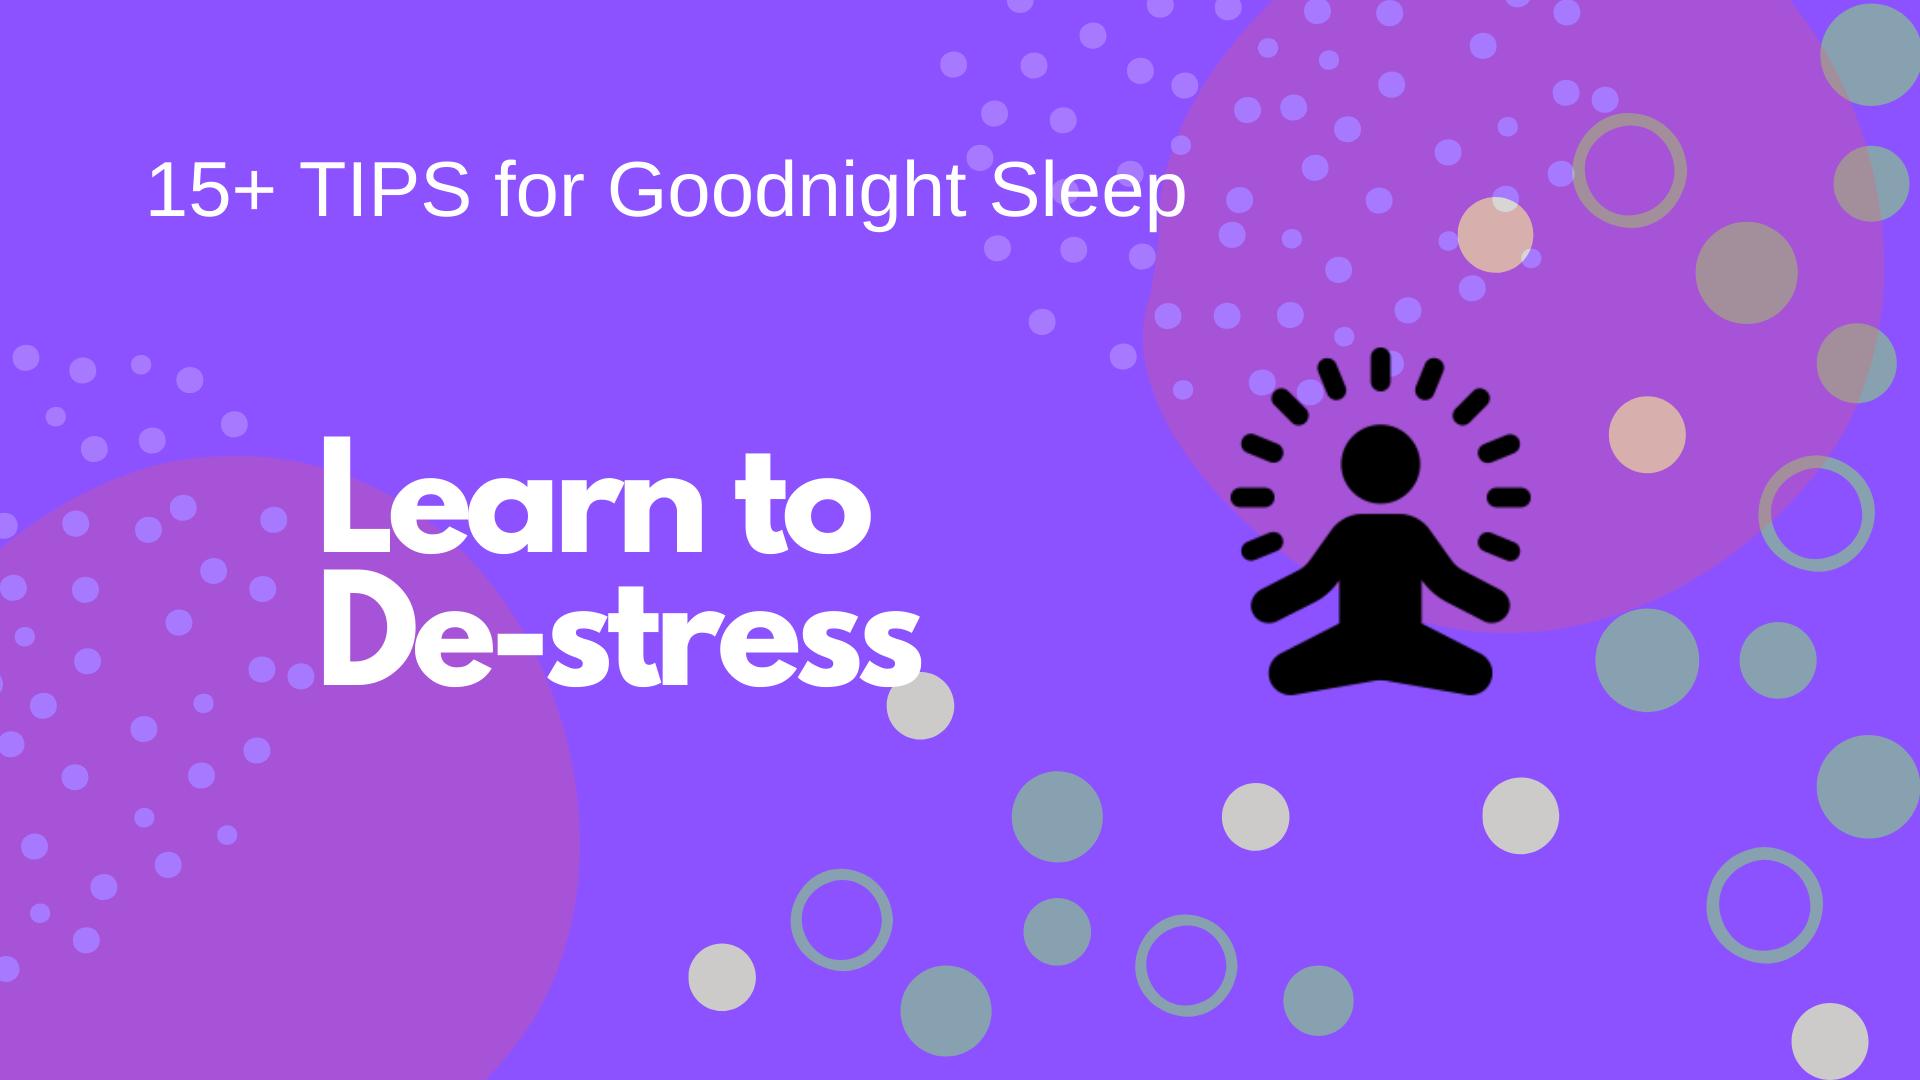 Learn to De-stress